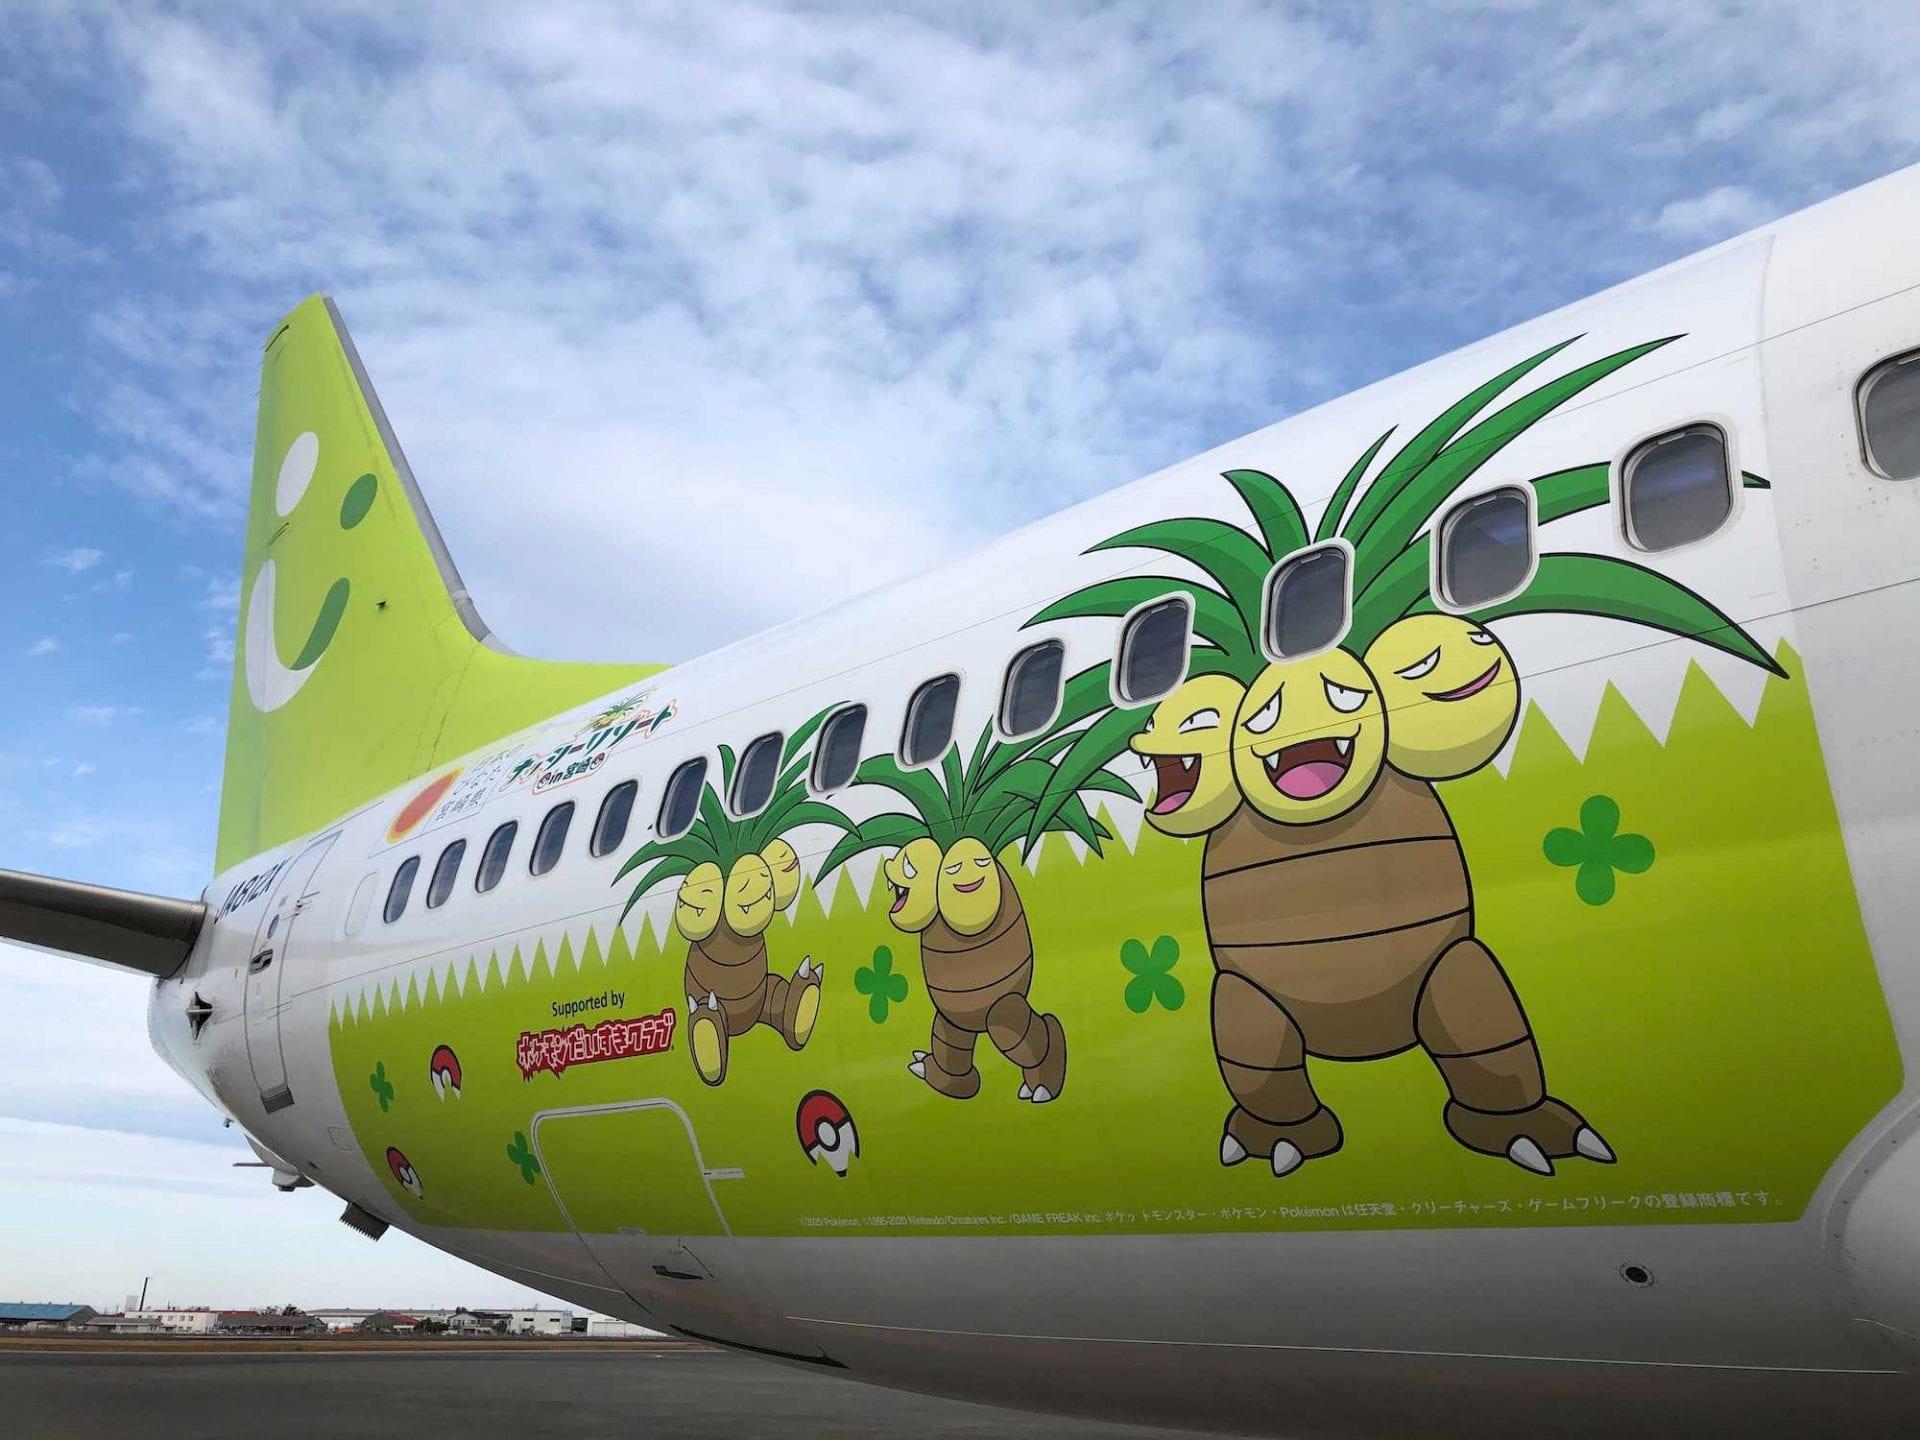 Au Japon, la compagnie aérienne Solaseed Air dévoile un avion sur le thème Pokémon (Noadkoko)